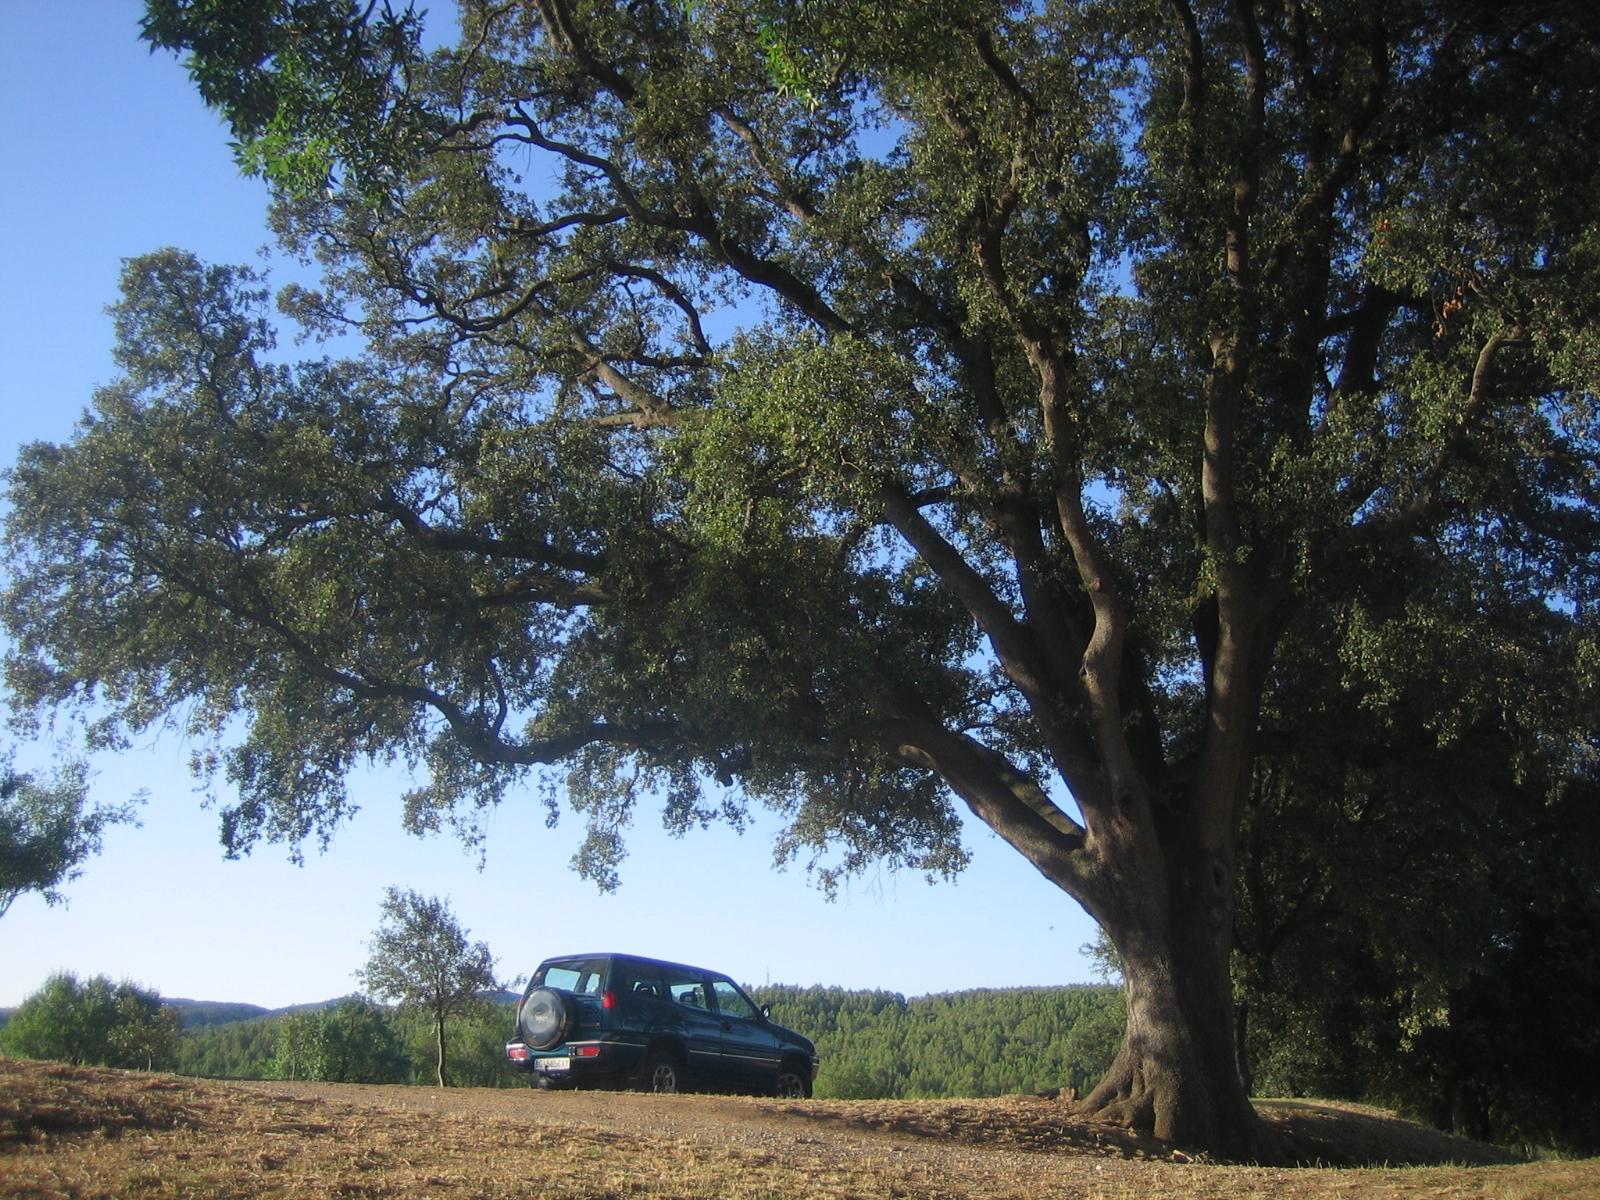 L'alzina de la fotografia dóna la benvinguda a tothom que arriba a la Torre Desvern de Celrà. És un arbre amb un tronc gruixut, de 3,43 metres de diàmetre i recte que dóna la sensació que al cap de poc li surten les branques, en contem sis de gruixudes que quan creixen es van ramificant, fins a arribar a uns 20 metres d'alçada.